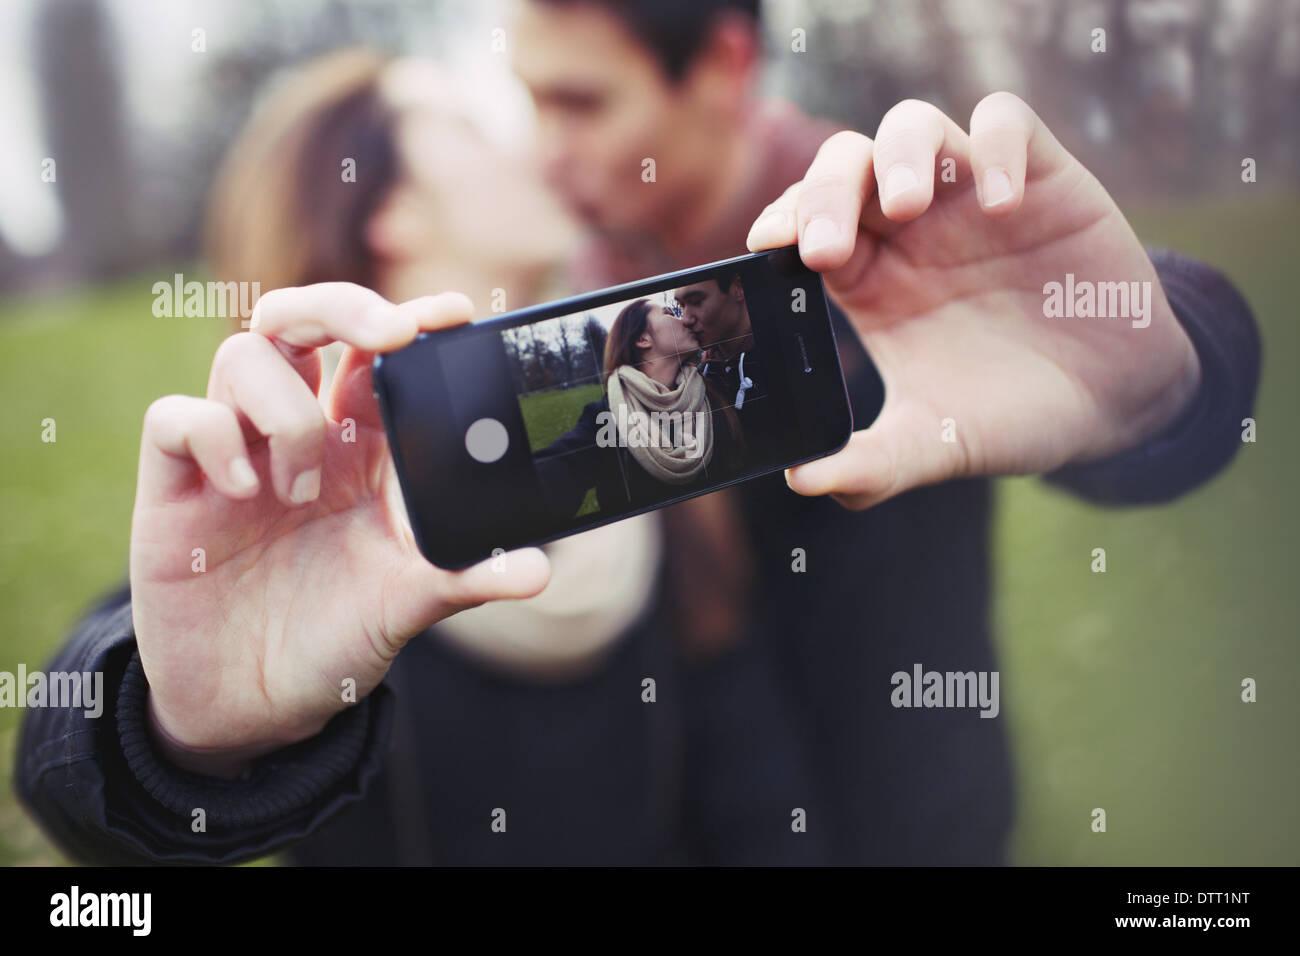 Junges Liebespaar fotografieren sich mit einem Mobiltelefon beim Küssen im Park. Fokus auf Smartphone. Stockbild